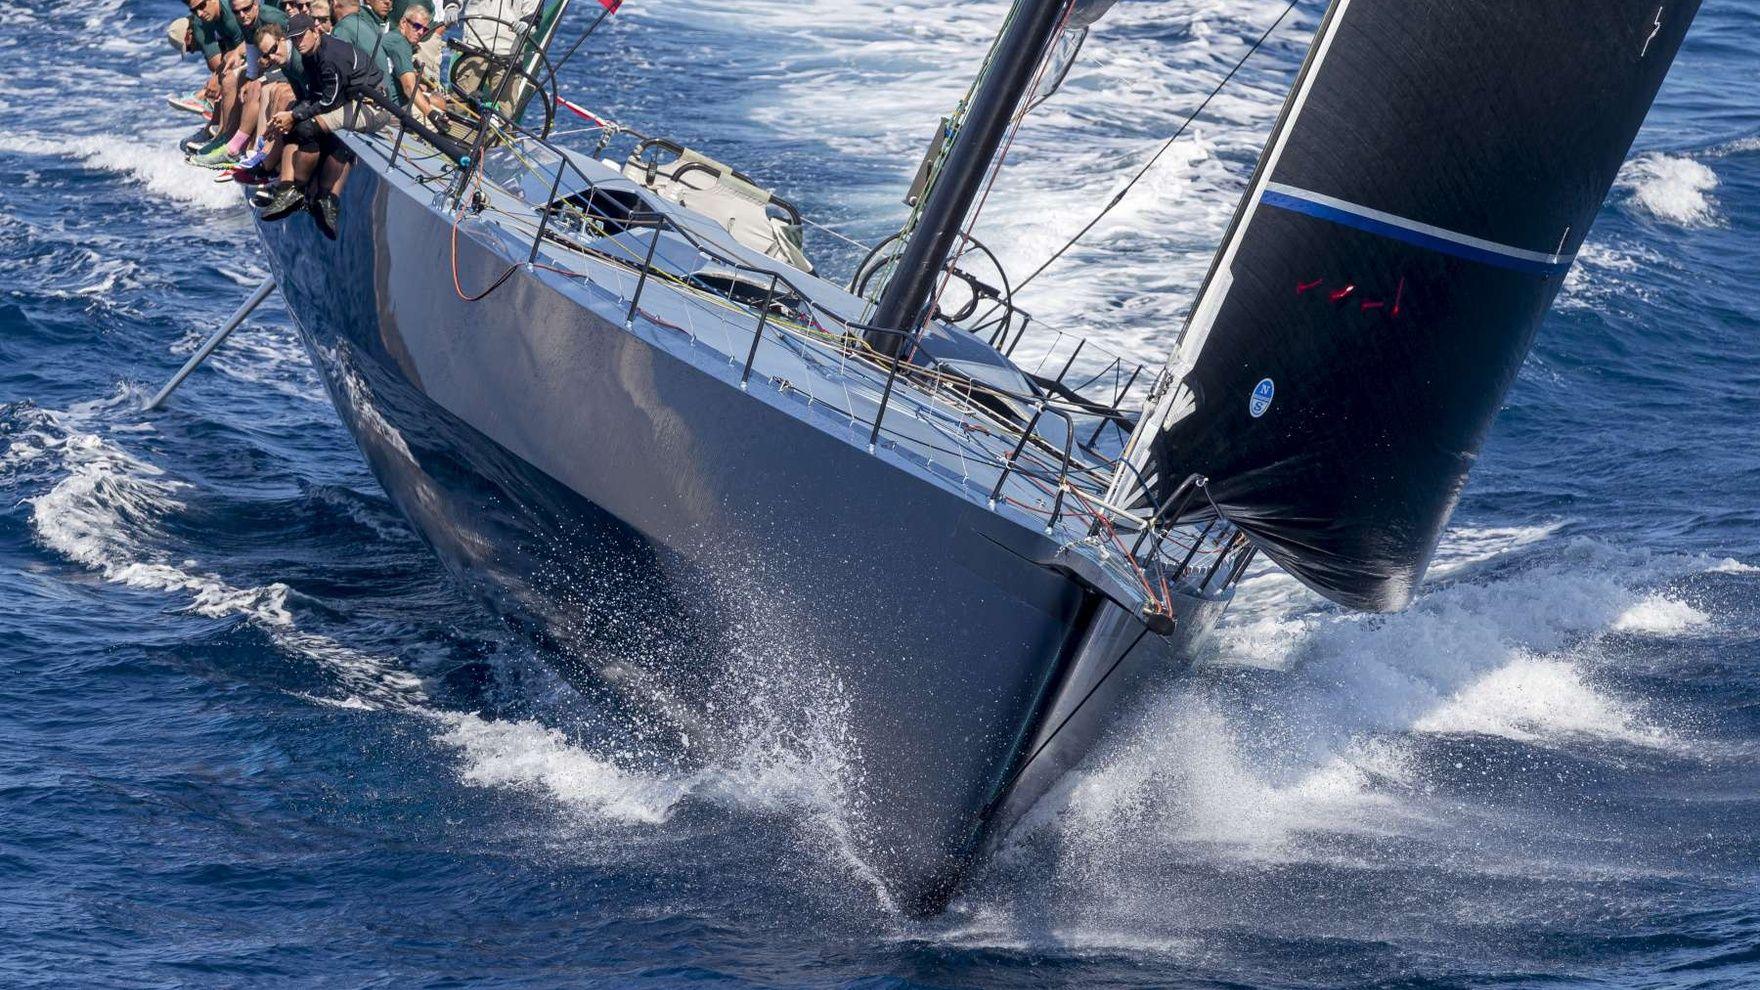 Регата Maxi Yacht Rolex Cup 2021